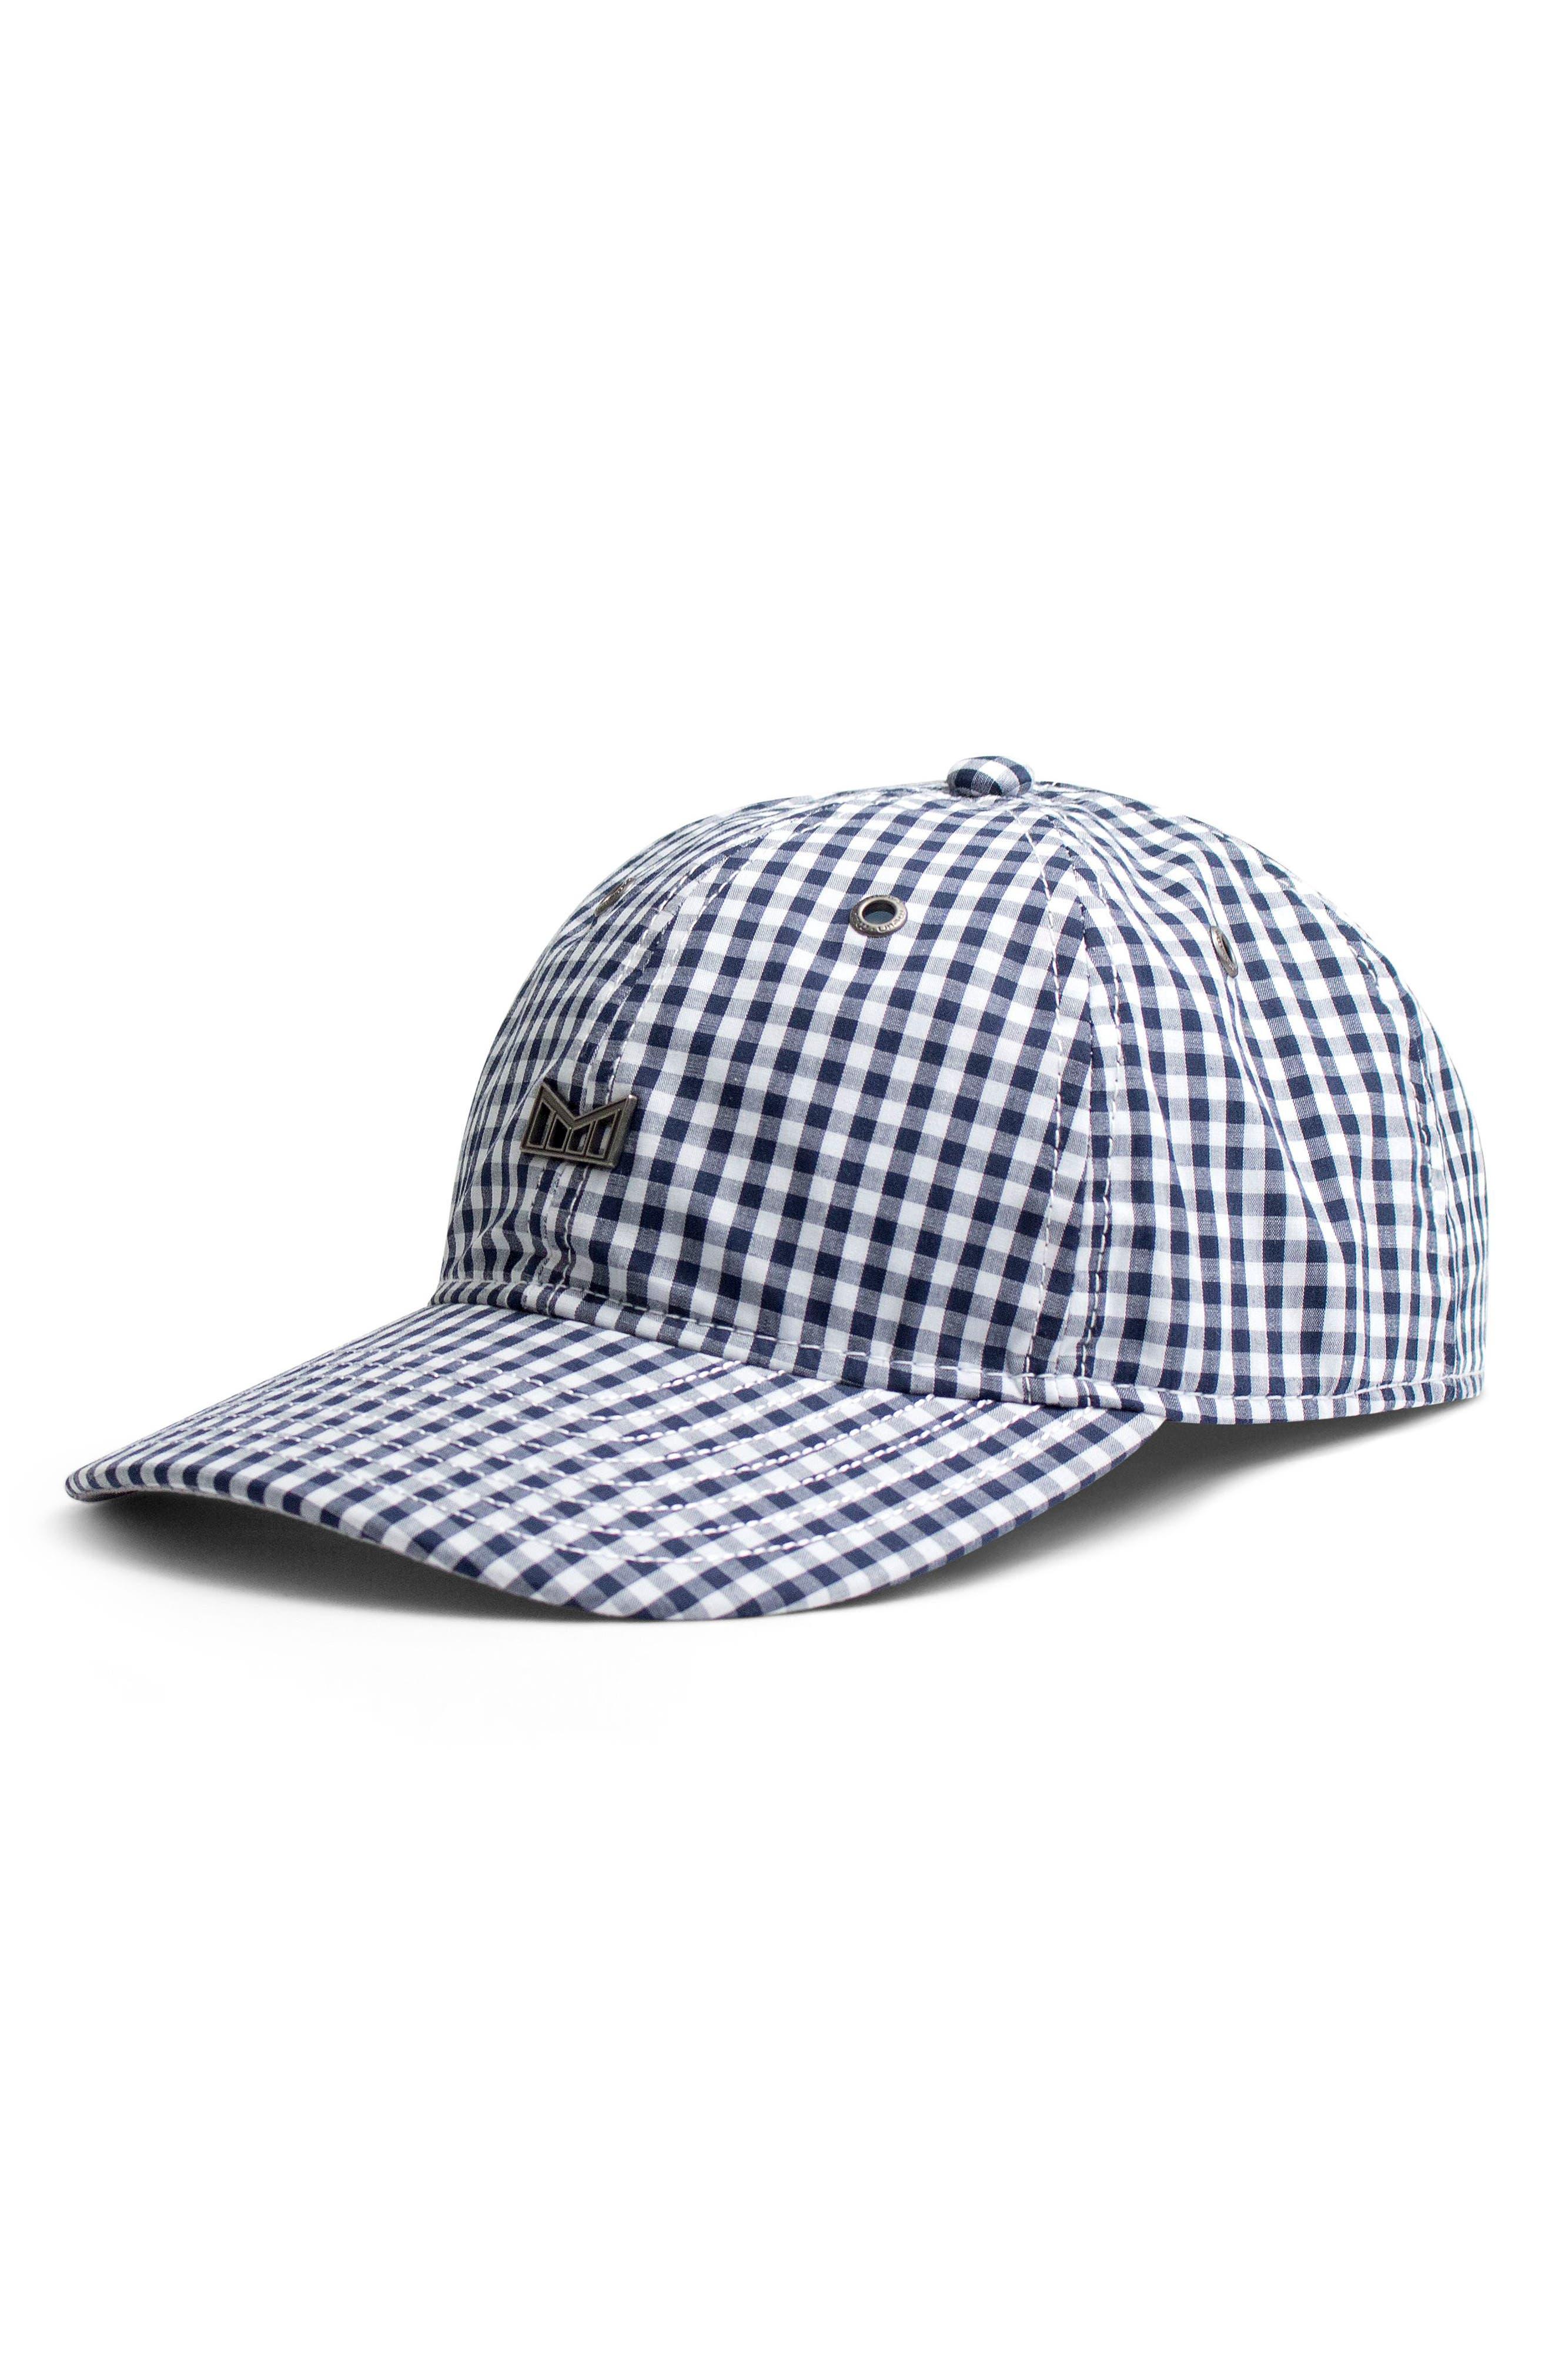 Boathouse Snapback Baseball Cap,                             Main thumbnail 1, color,